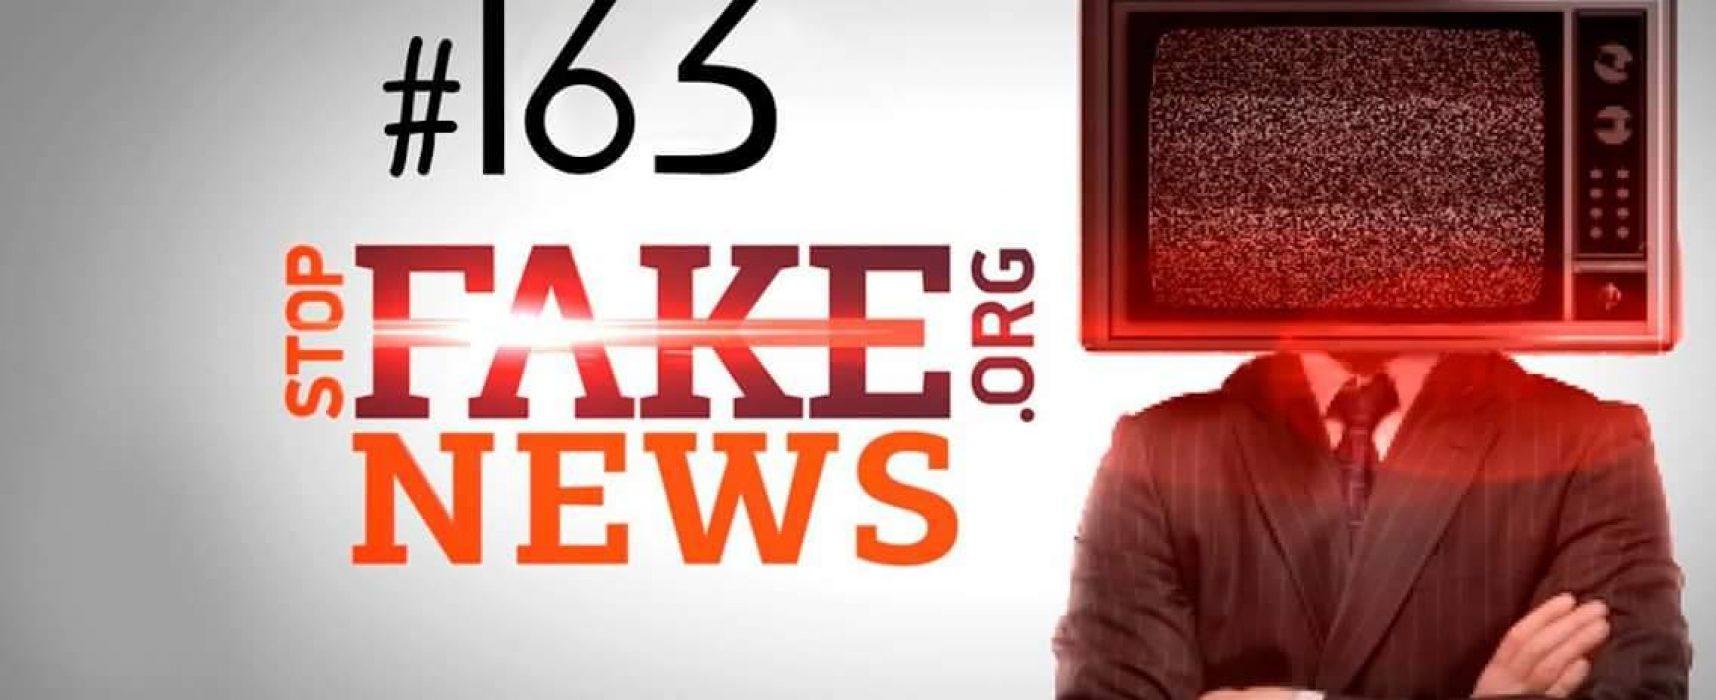 StopFakeNews #163. Отравление салом, толпы туристов в Крыму и фейк от Путина